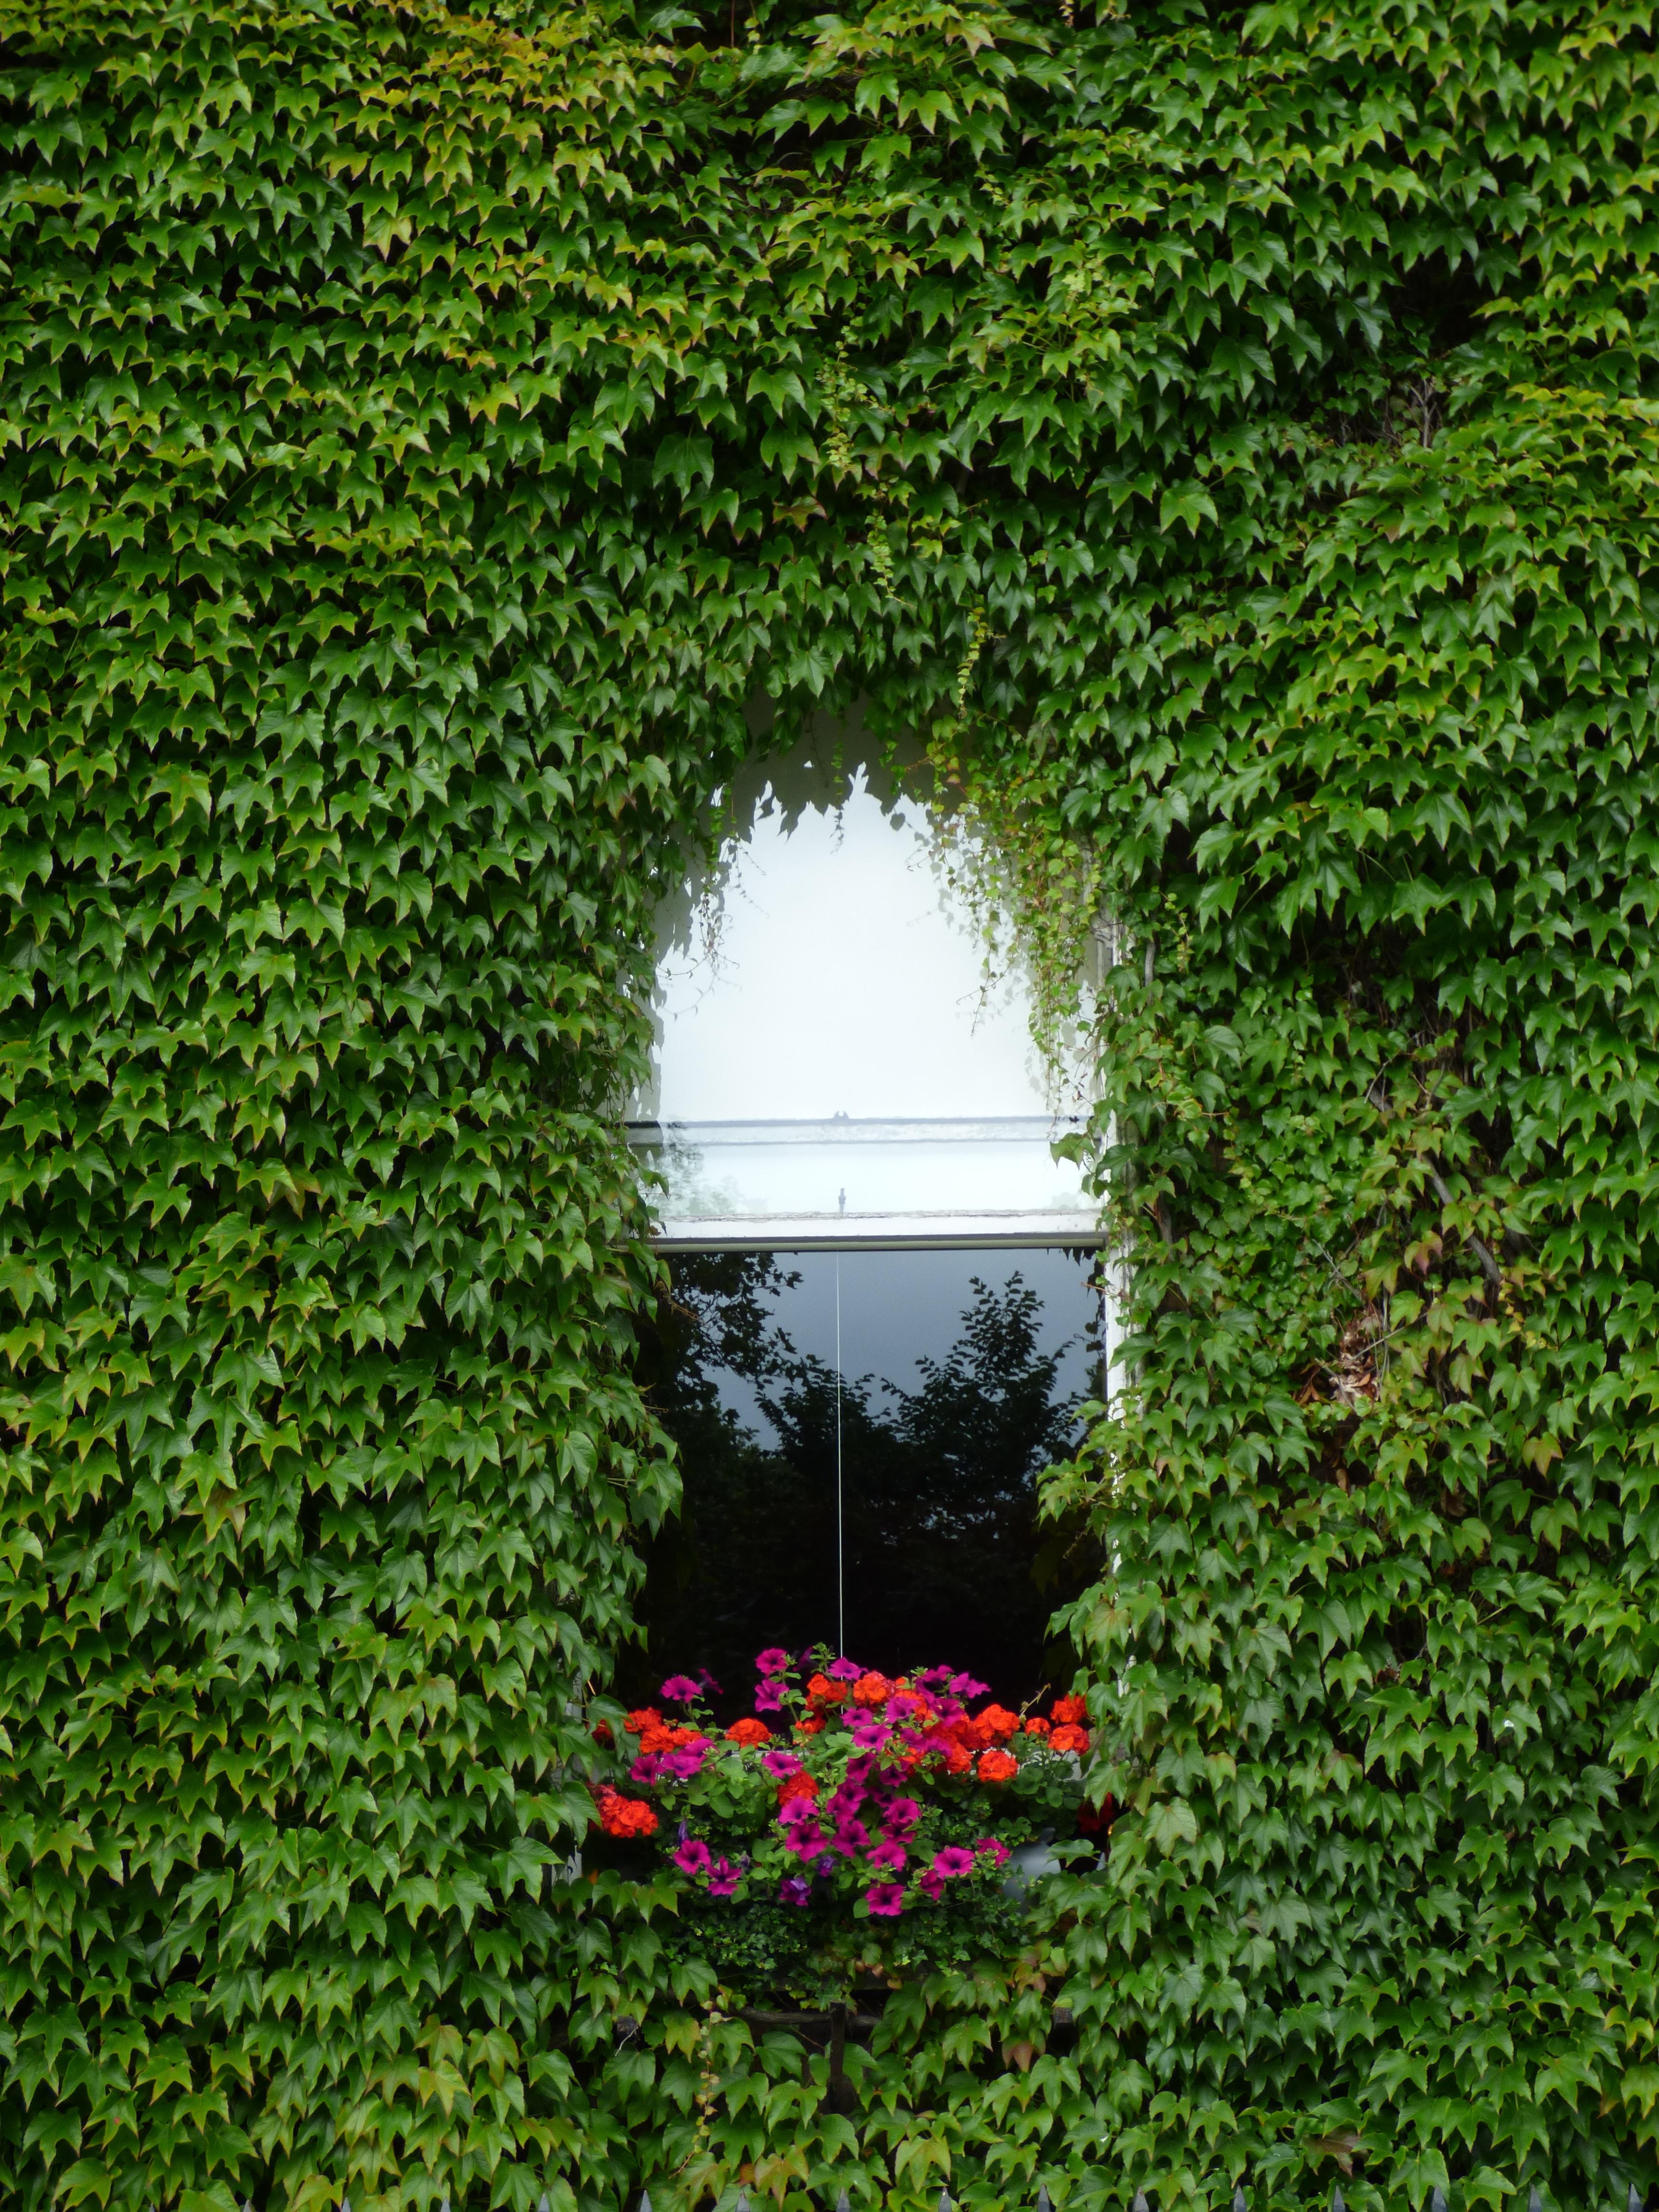 fotos gratis   ventana  enredadera  flores  reflexi u00f3n